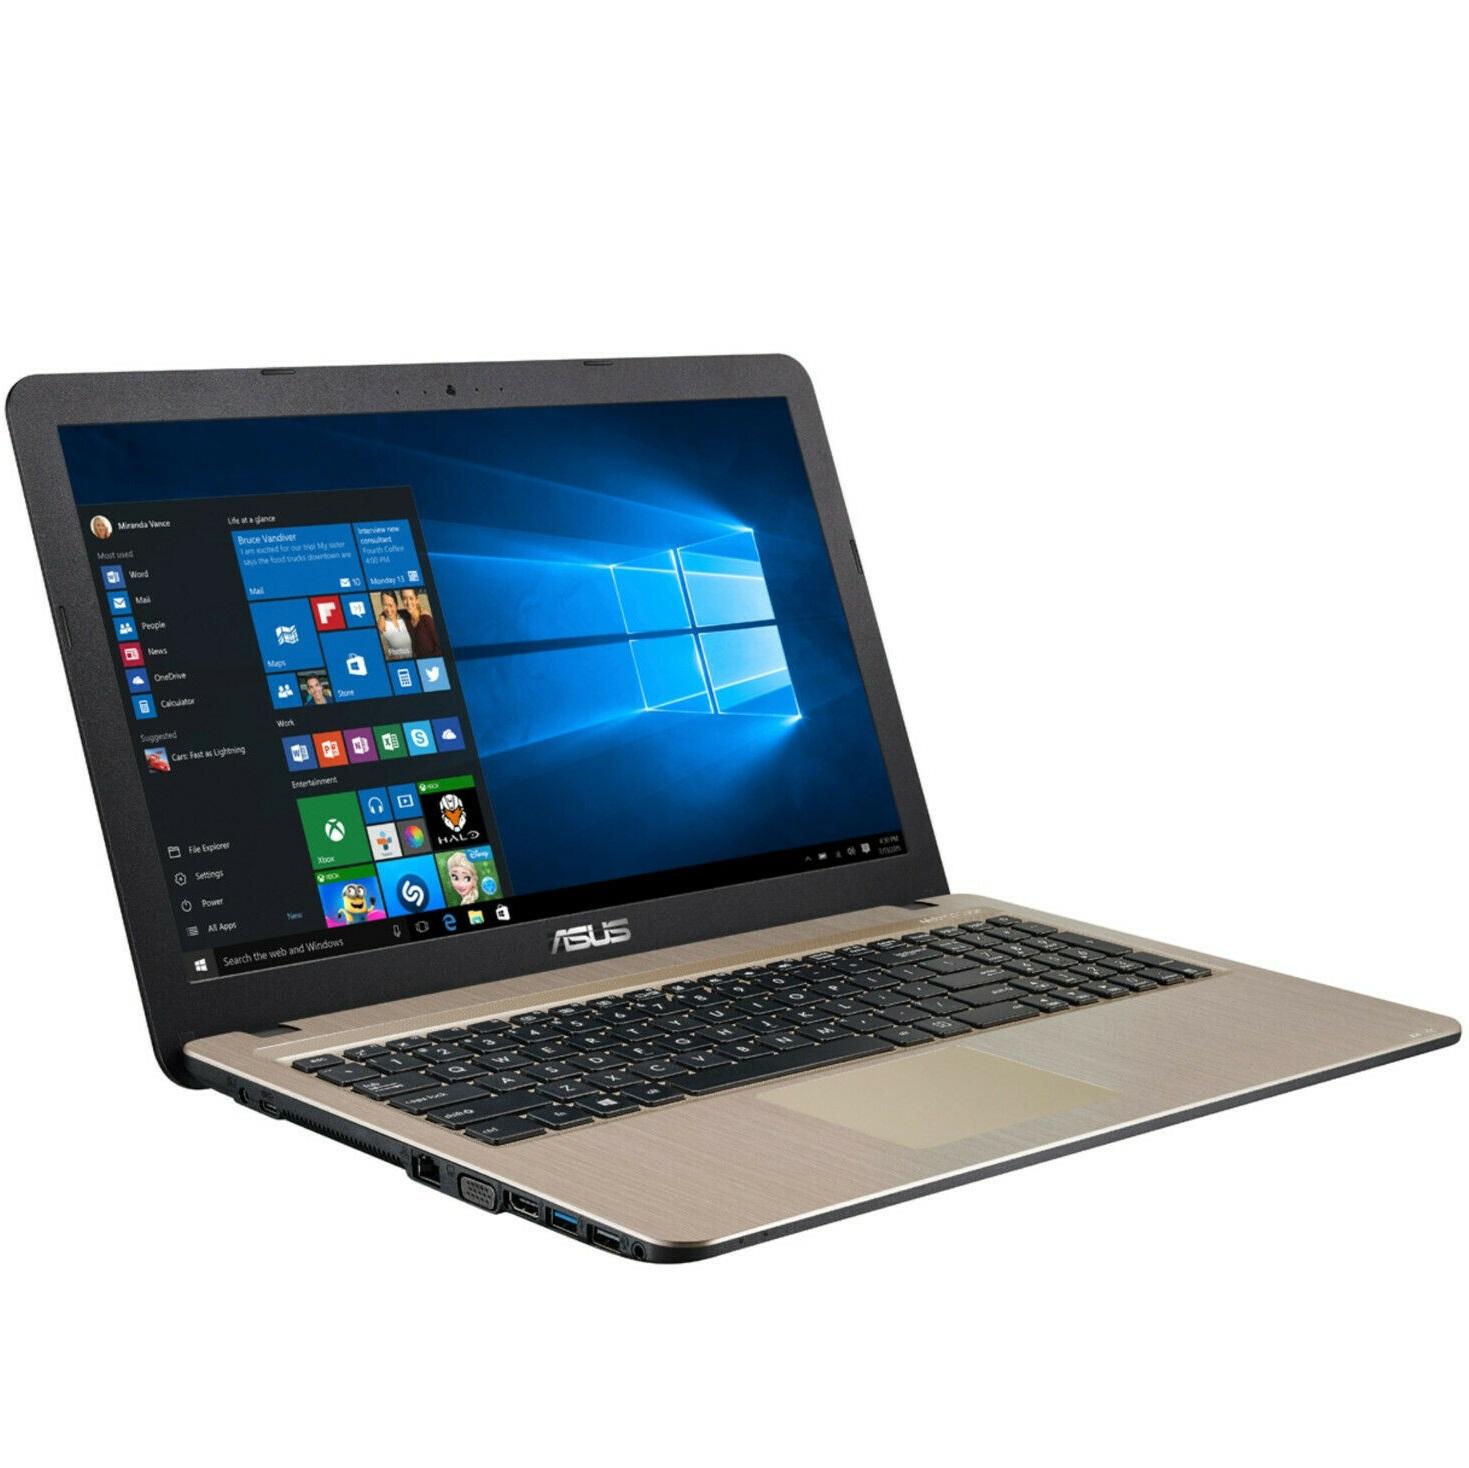 Bild zu 15,6 Zoll Notebook Asus VivoBook X540LA-DM1052 für 279,90€ (Vergleich: 311€)